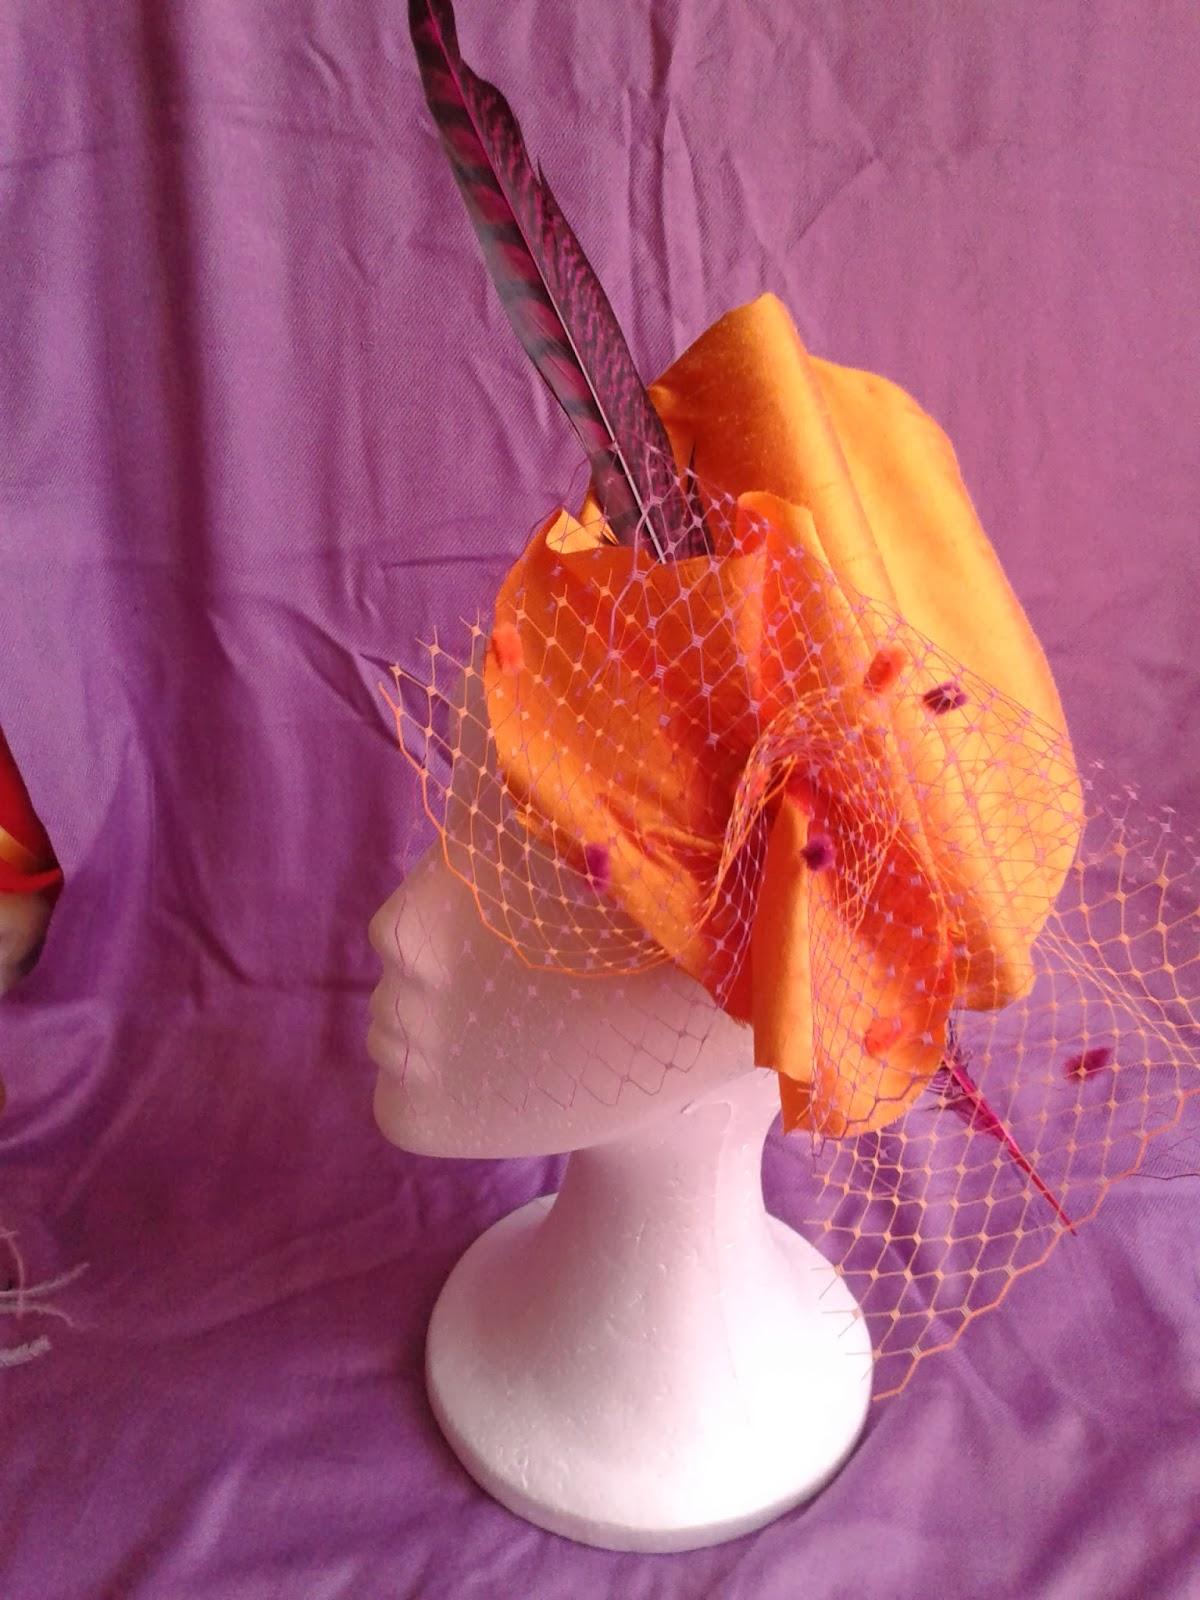 tocado para boda, tocado económico, tocados, tocados baratos, tul, naranja, fuxia, pluma de faisán